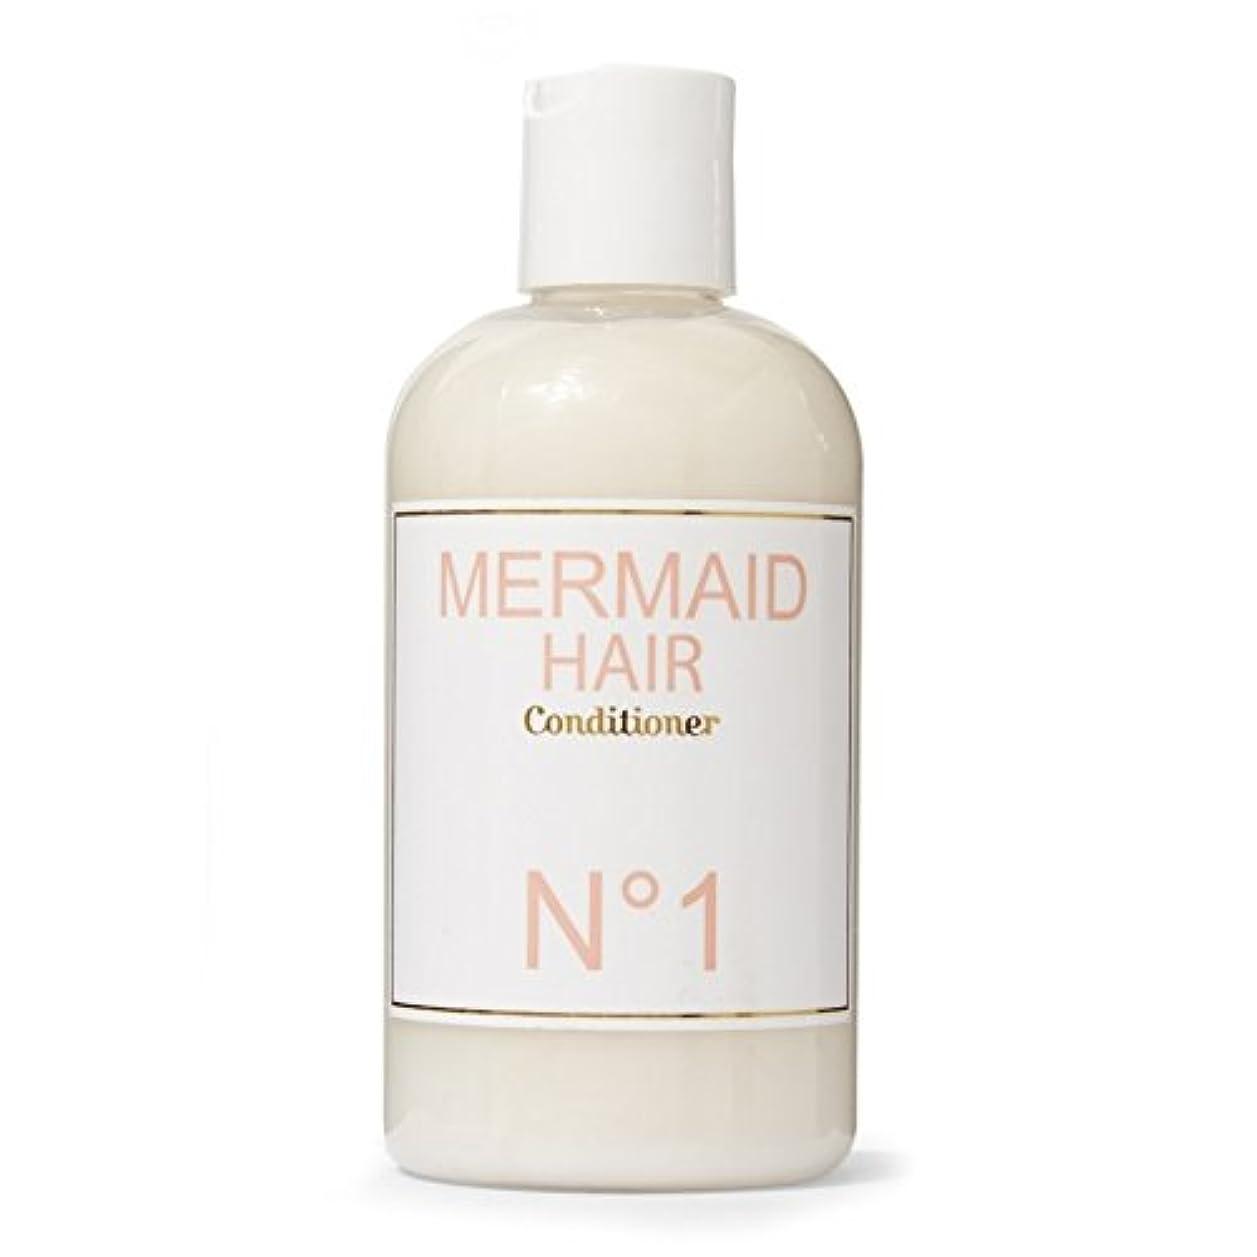 ブラシバンドル素人Mermaid Perfume Mermaid Conditioner 300ml - 人魚香水人魚コンディショナー300ミリリットル [並行輸入品]